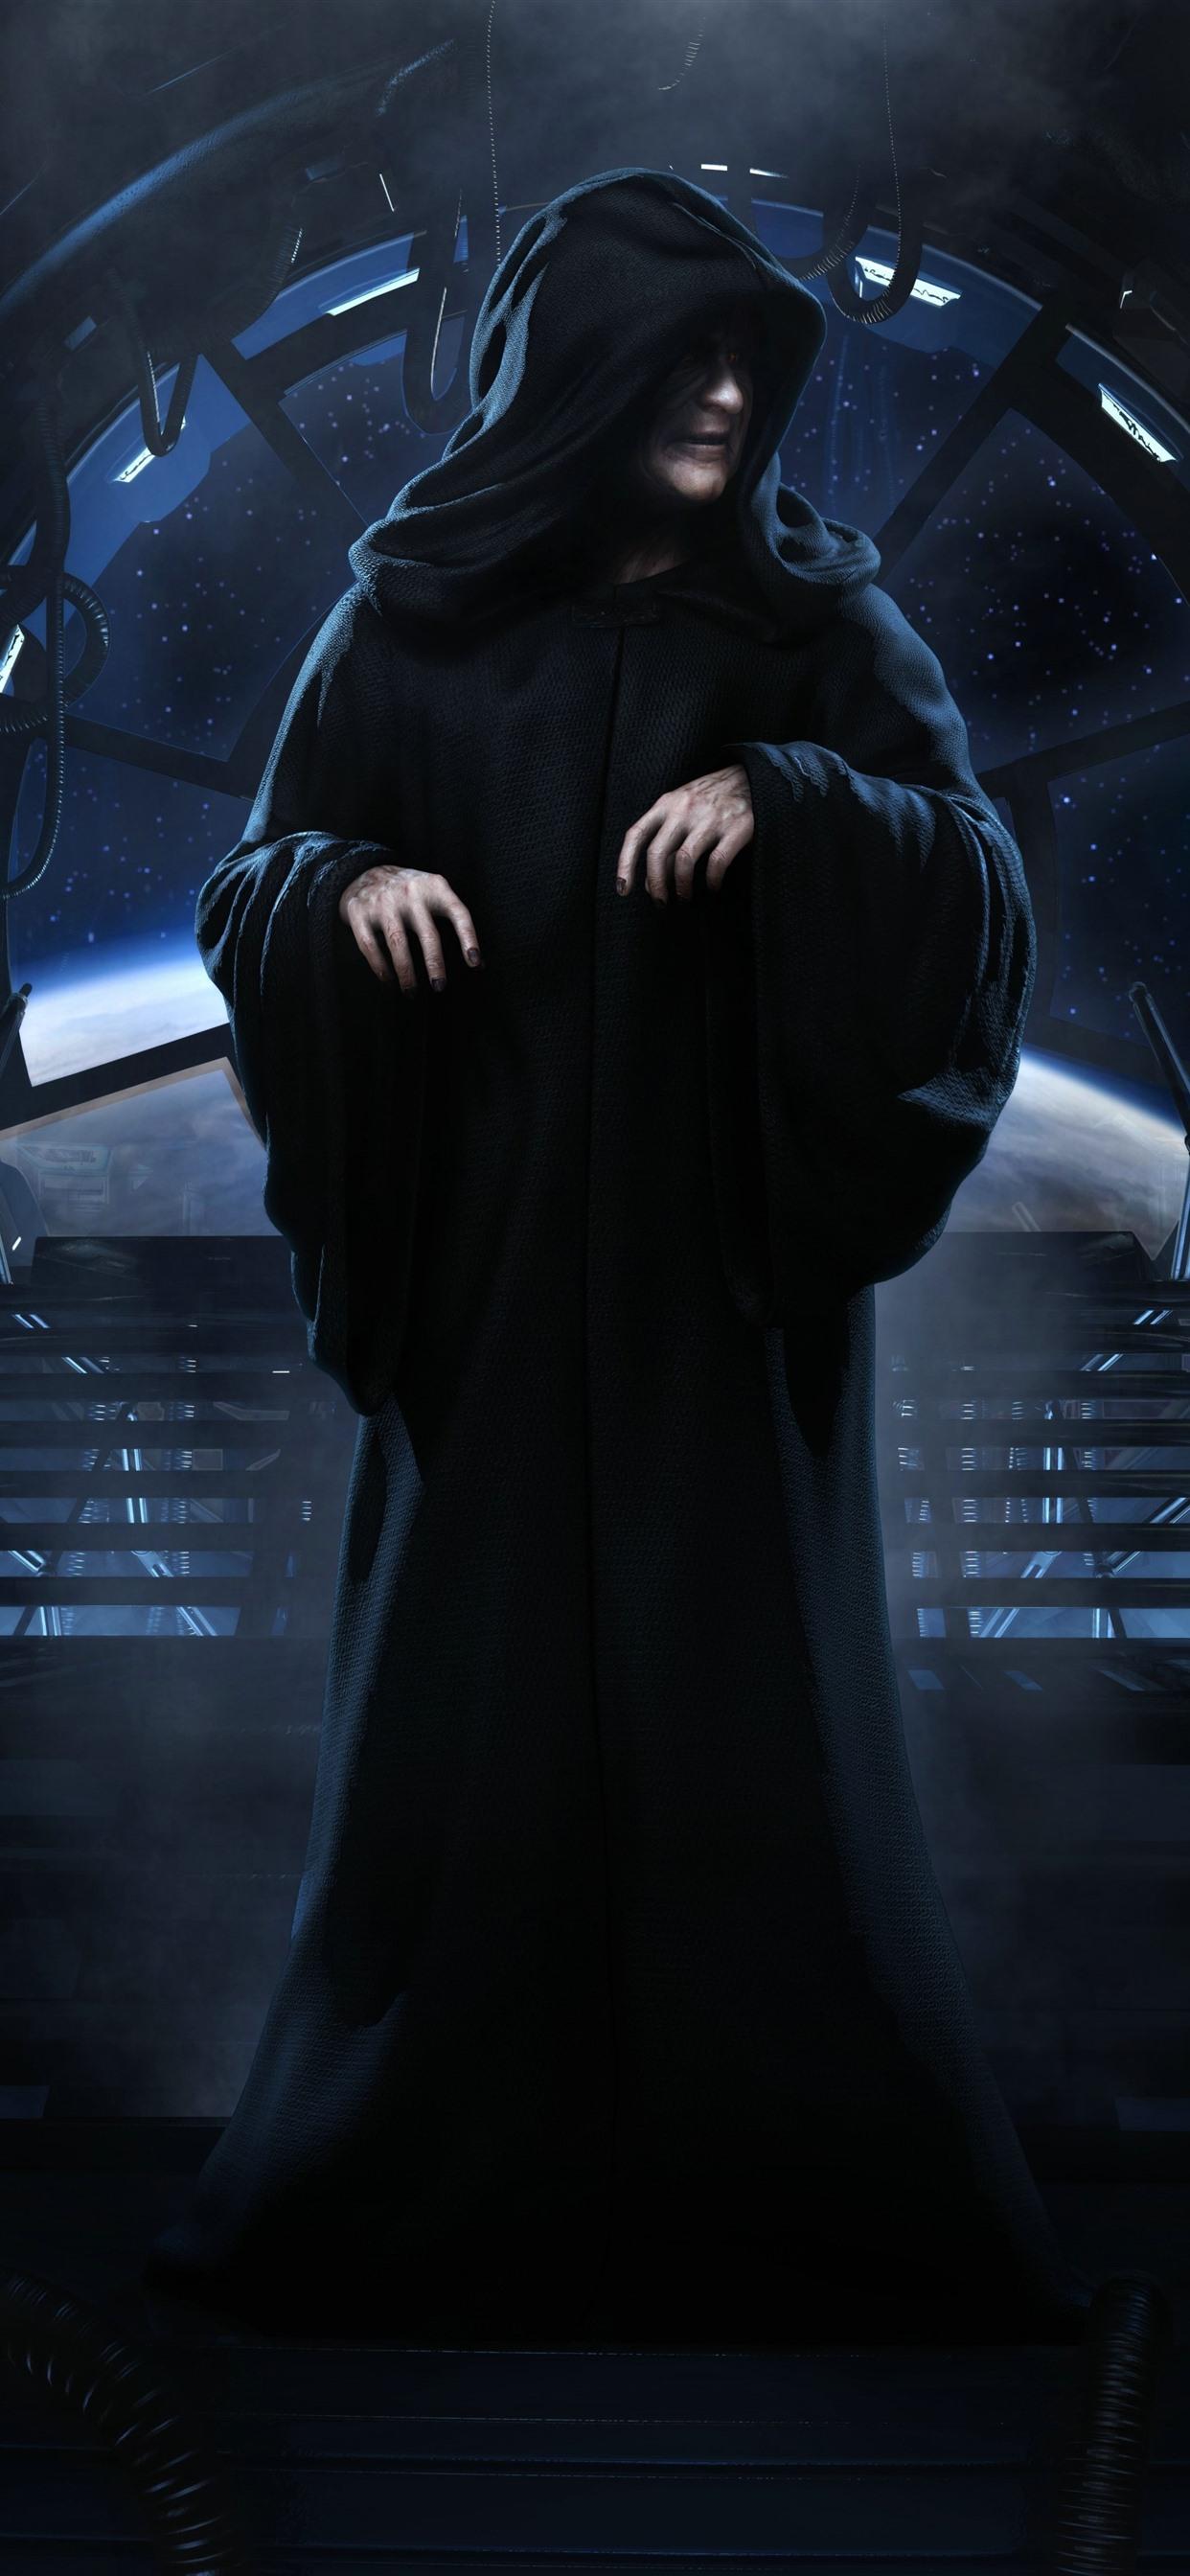 Star Wars Emperor Palpatine 1242x2688 Iphone Xs Max